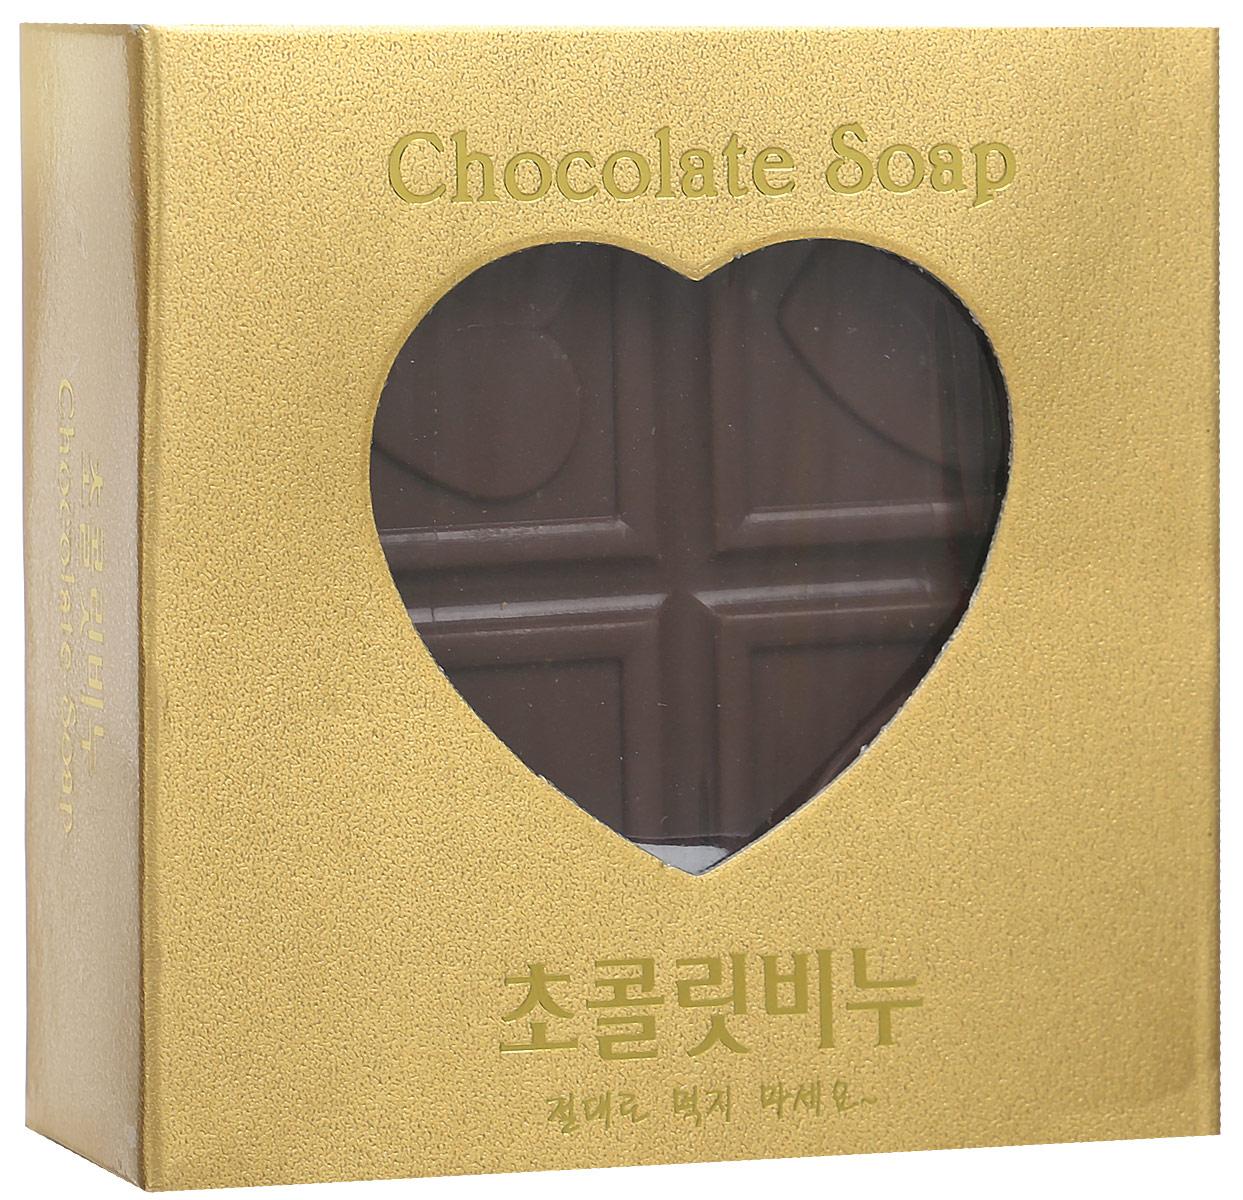 DongBang Мыло с шоколадом, 100 г8809055040731Мягкое мыло в виде плитки шоколада наполнит вашу ванную комнату ароматами нежности и счастья. Натуральный экстракт шоколада питает и разглаживает кожу. Масло какао богато витамином F и незаменимыми жирными кислотами. Оно регенерирует, увлажняет и защищает кожу, восстанавливает мембраны клеток и обладает сильной антиоксидантной активностью. В холодное время года добавь растопленное масло какао в свой любимый крем, и он гораздо эффективнее защитит твою кожу от обморожений и шелушения. Липиды масла какао обновляют кожу, смягчают, способствуют удержанию влаги за счет активизации синтеза коллагена и укрепляют сосуды. Также в составе есть масло камелии, которое поддерживает должный уровень увлажненности кожи. Мыло не раздражает кожу. При производстве не использовались химические добавки, а лишь натуральные масла и природные компоненты.